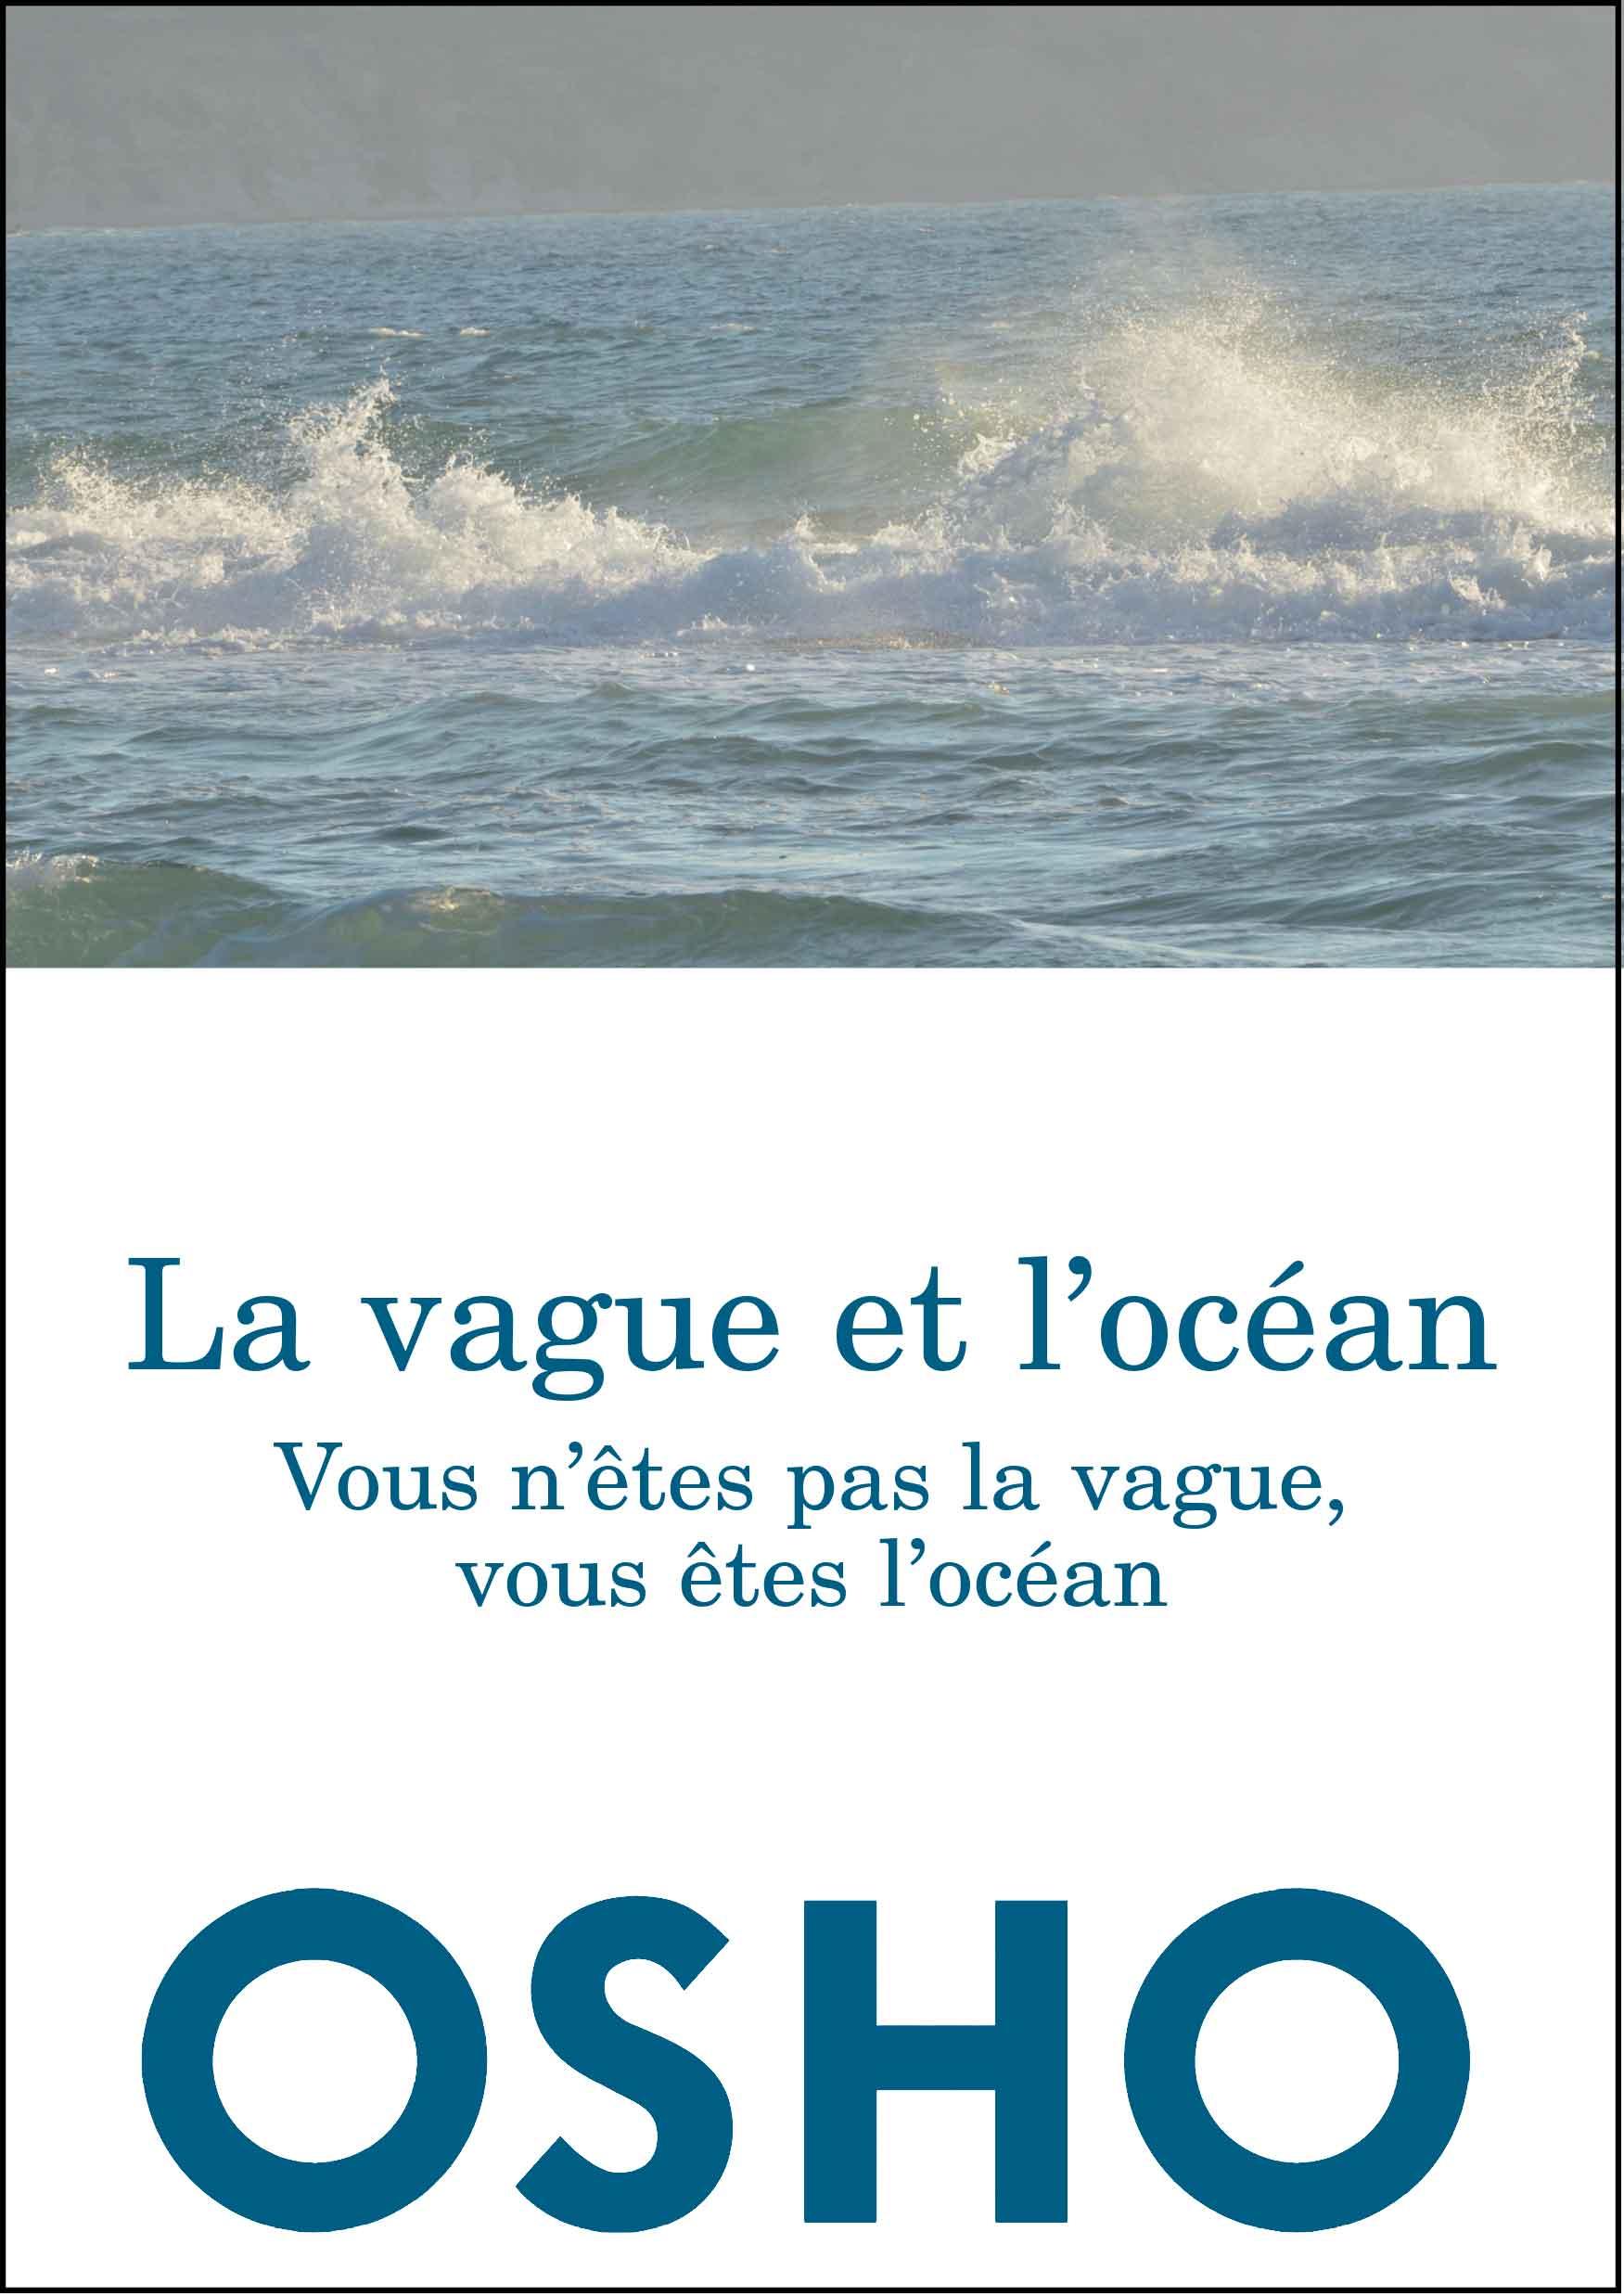 La vague et l'océan